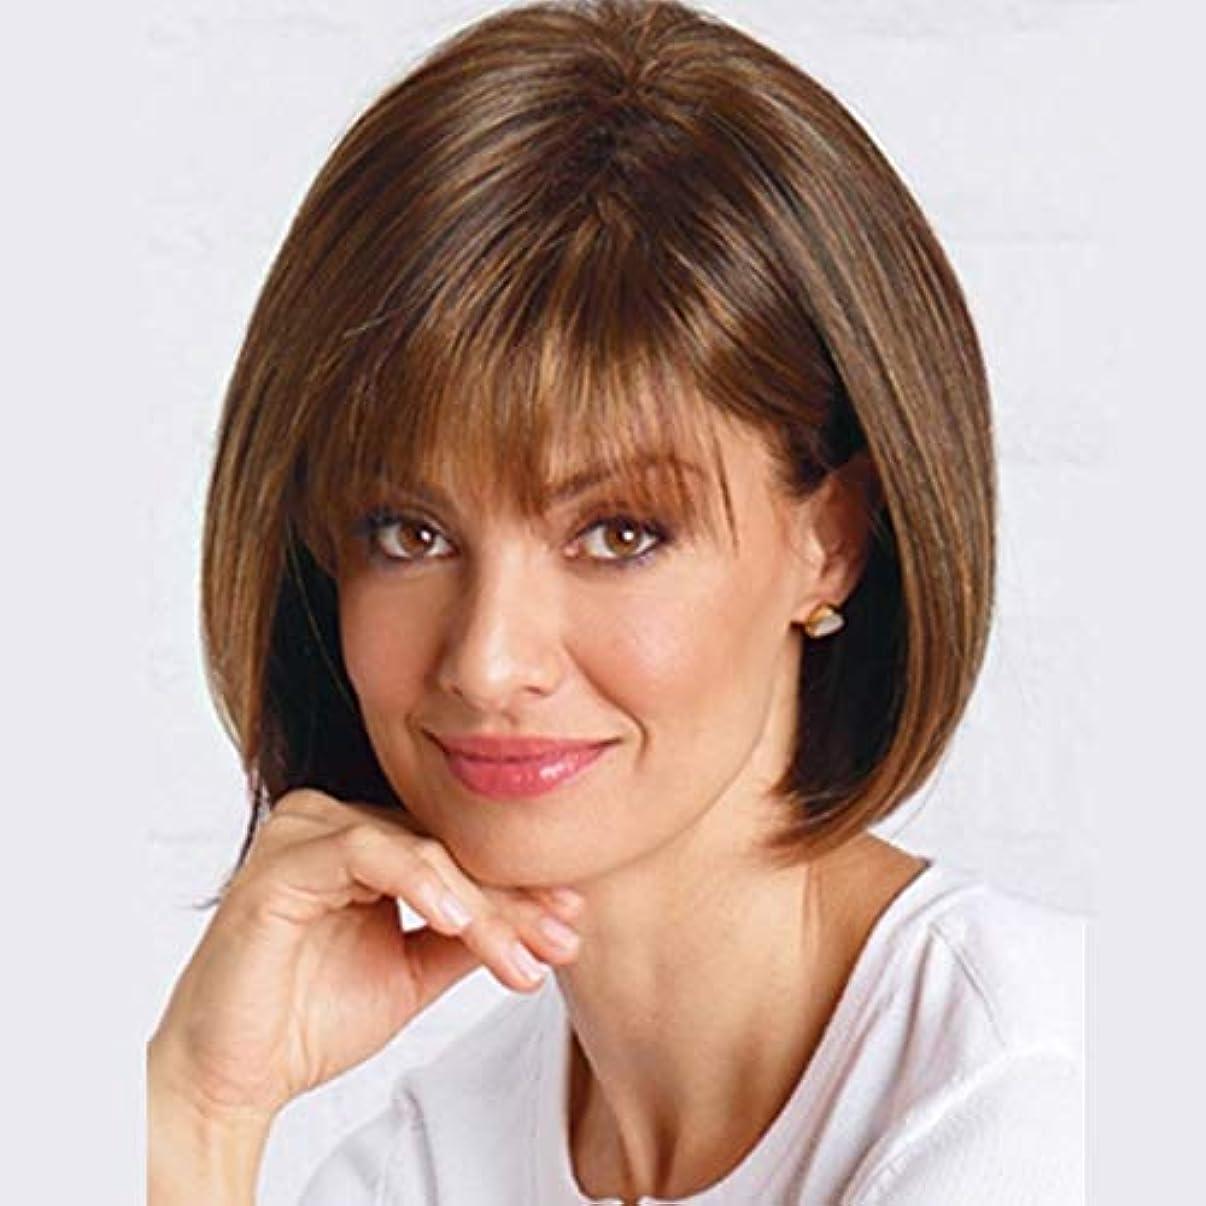 蛇行内部憧れSummerys ソフト&スムーズ女性用前髪付き女性ガールズショートストレート合成かつら